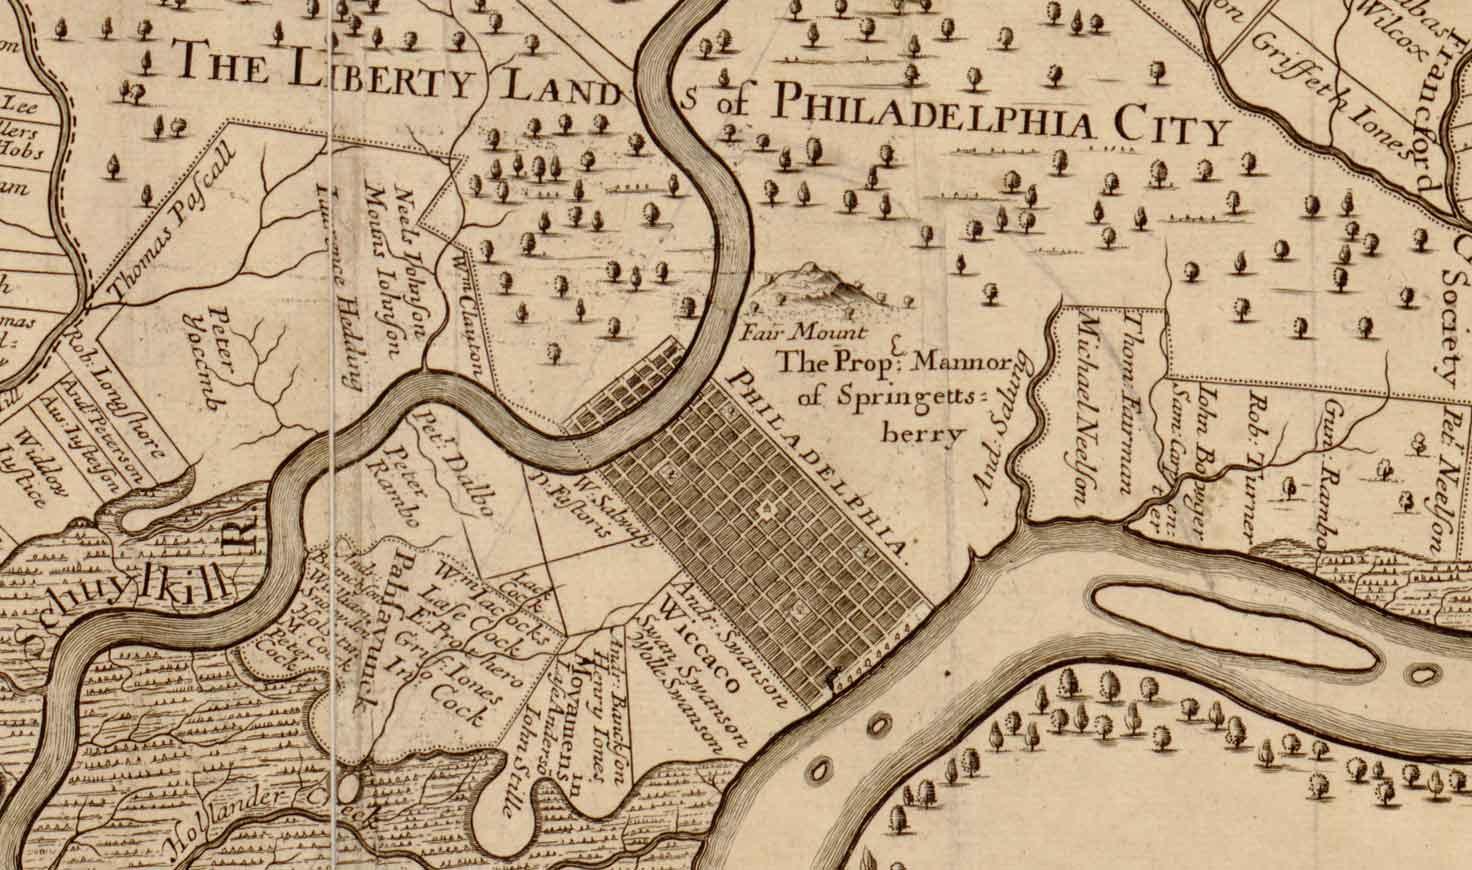 Old Map of Philadelphia PA, 1681 Thomas Holme